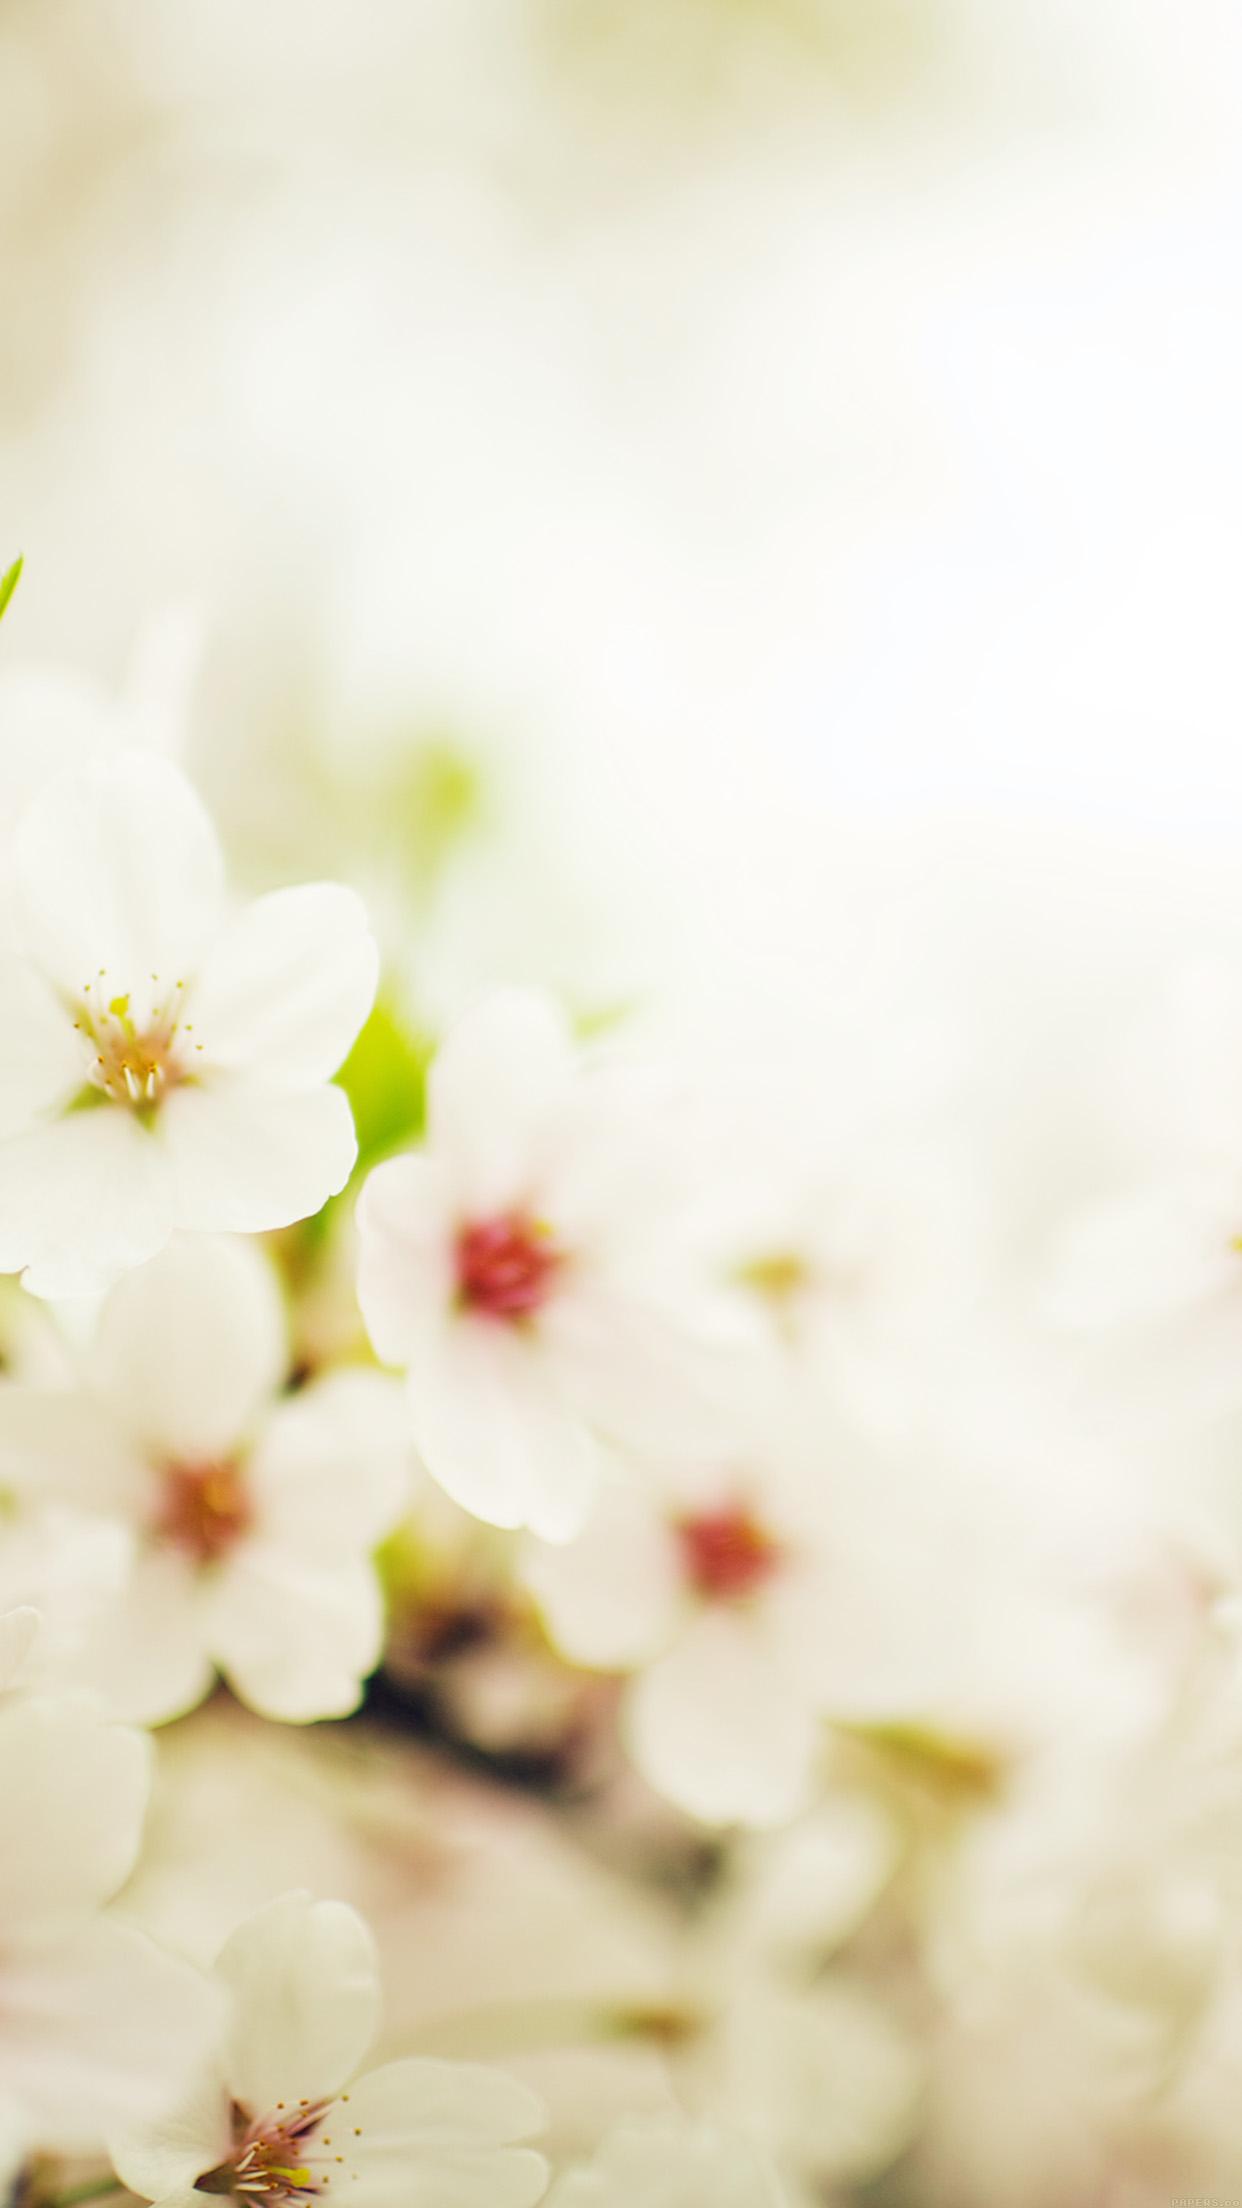 白いかわいい花 iPhone6 Plus壁紙